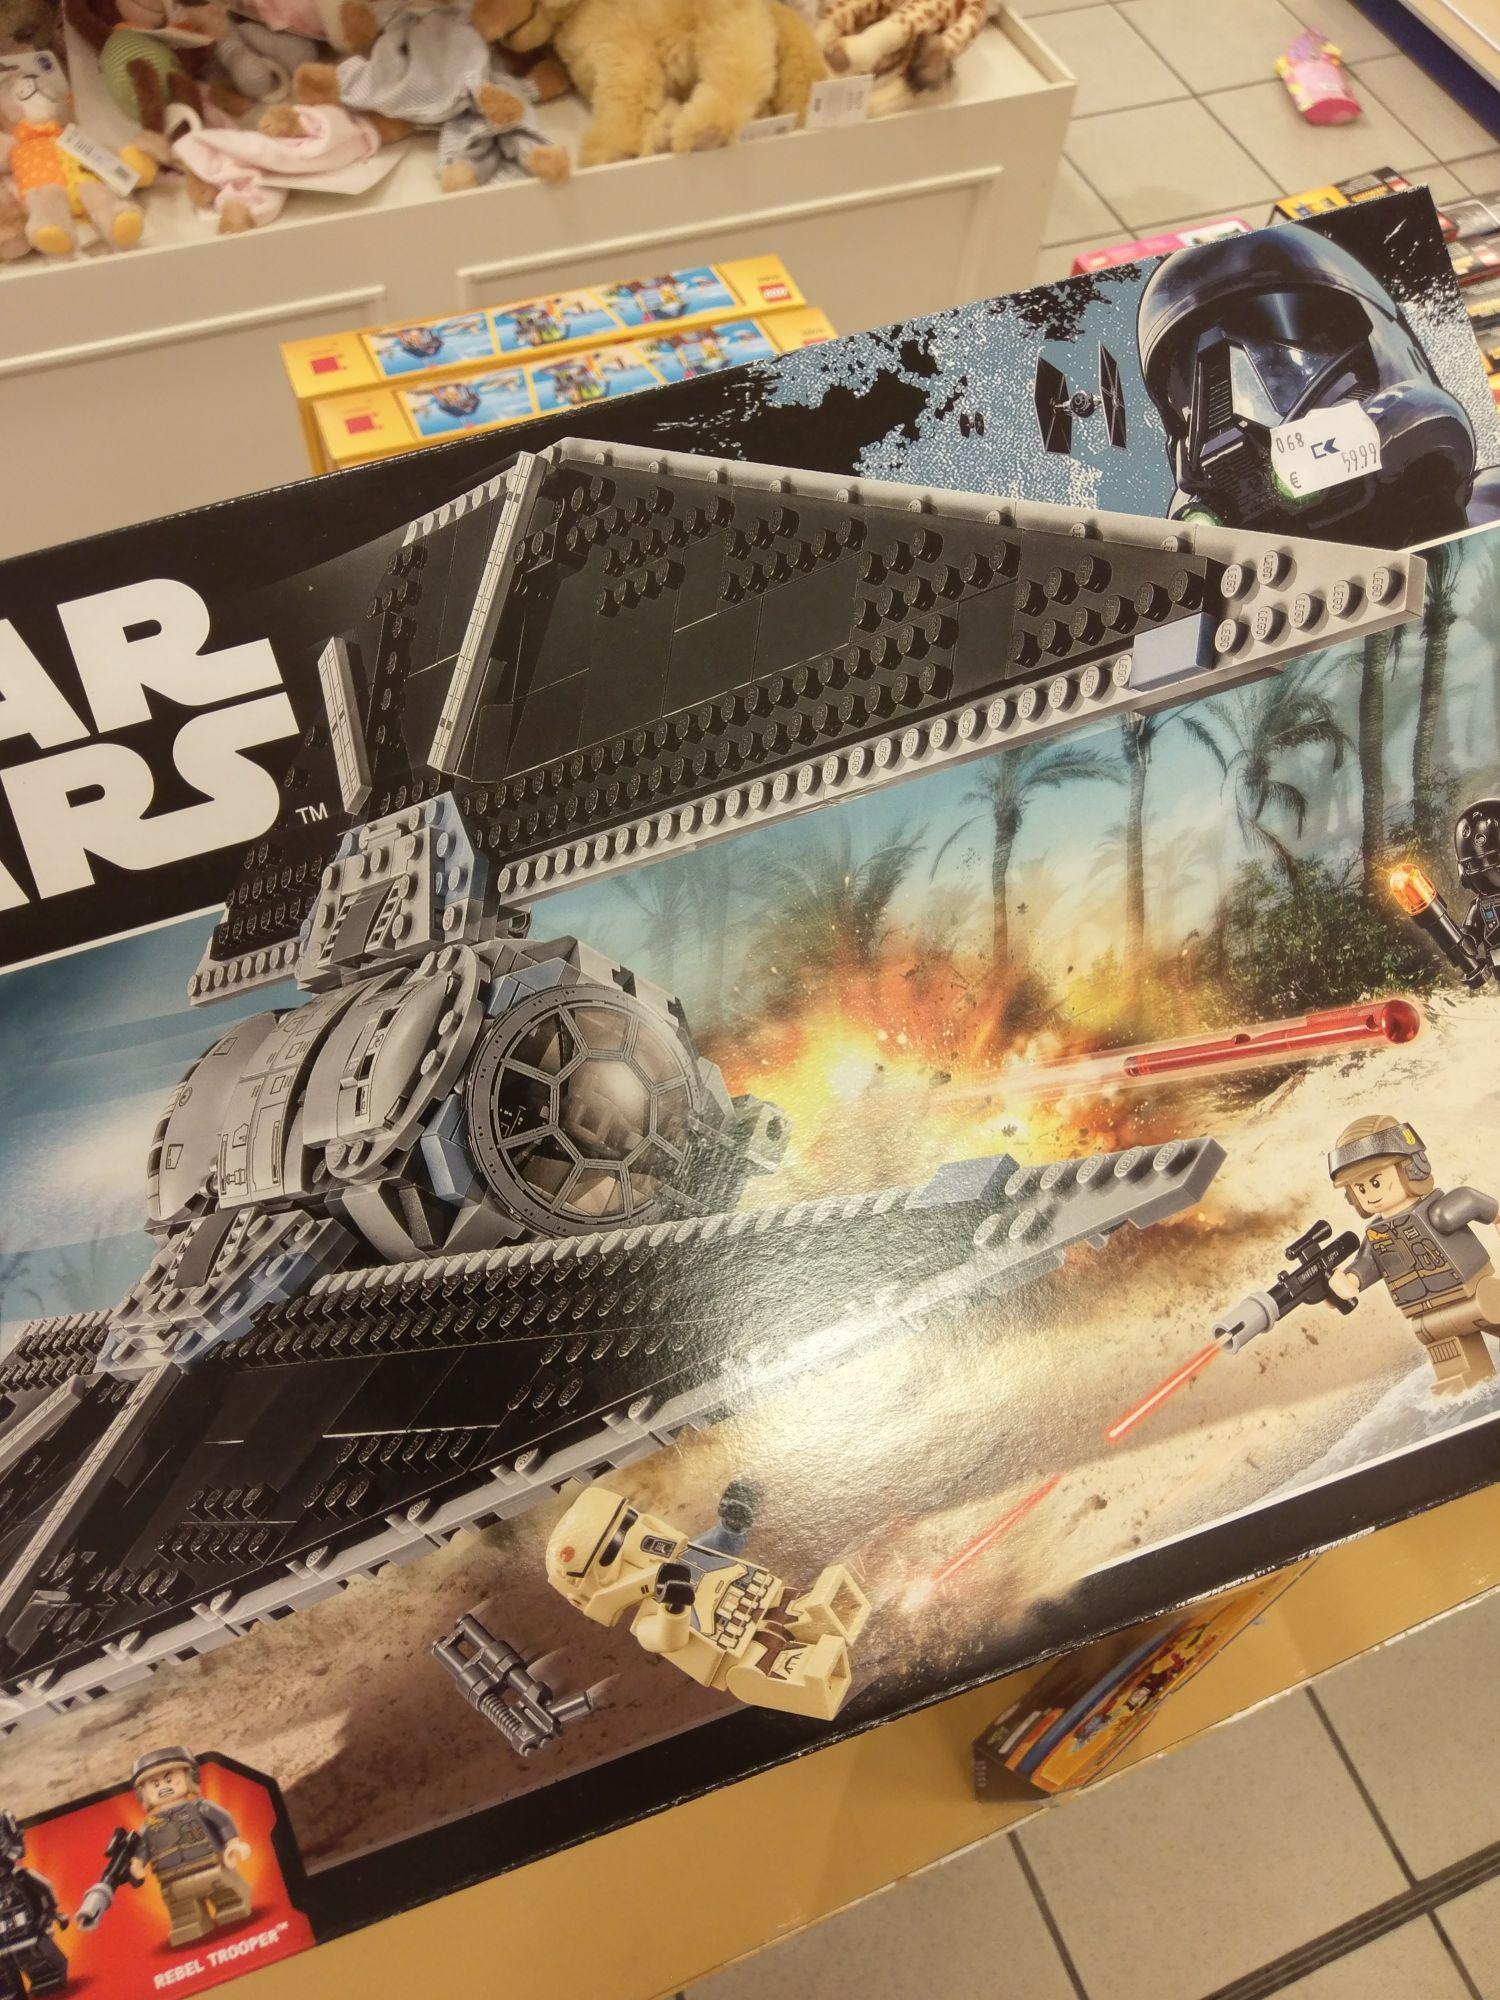 [Karstadt Esslingen]Star Wars Lego Tie Striker 30€, 50% auf ausgewählte Sets